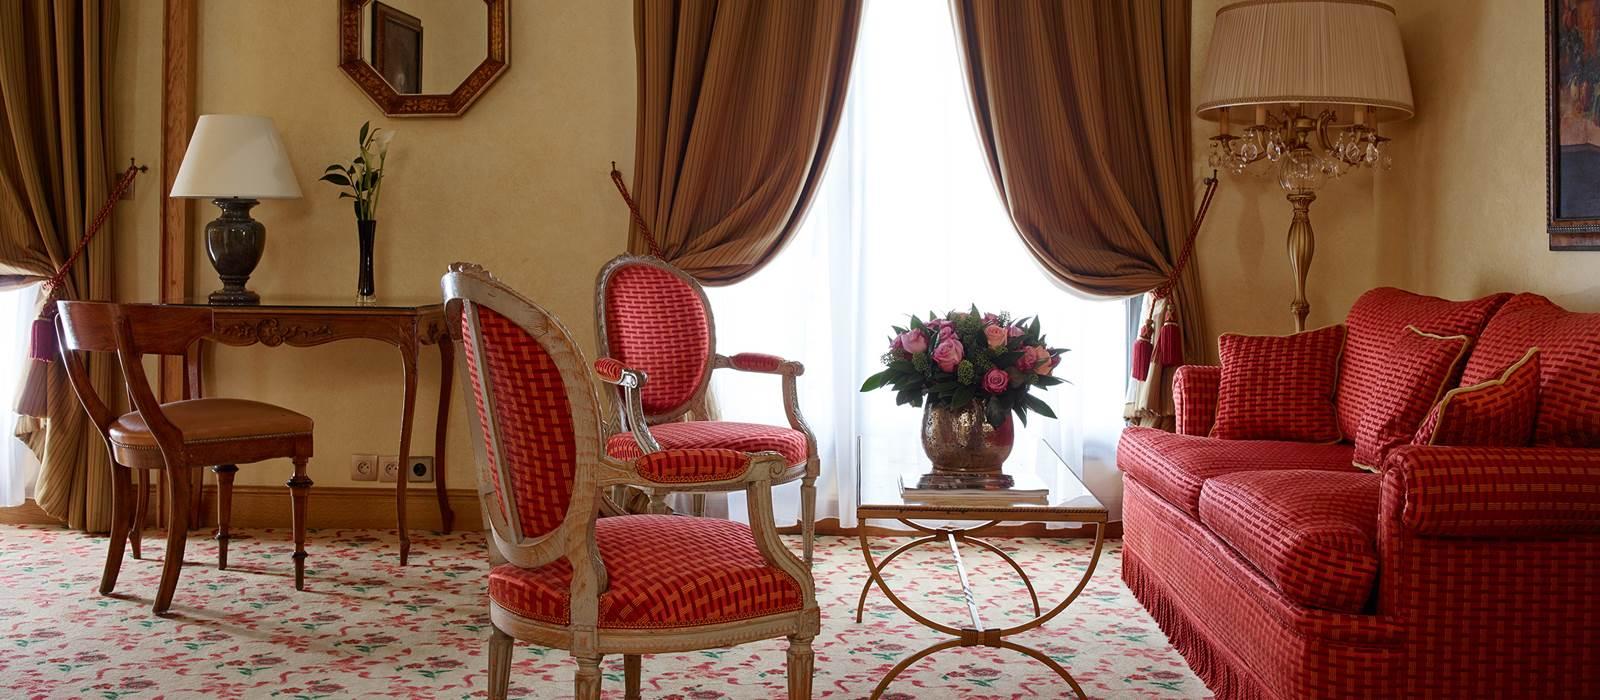 5 Star Boutique Hotel De Vigny Luxury Boutique Hotels Paris